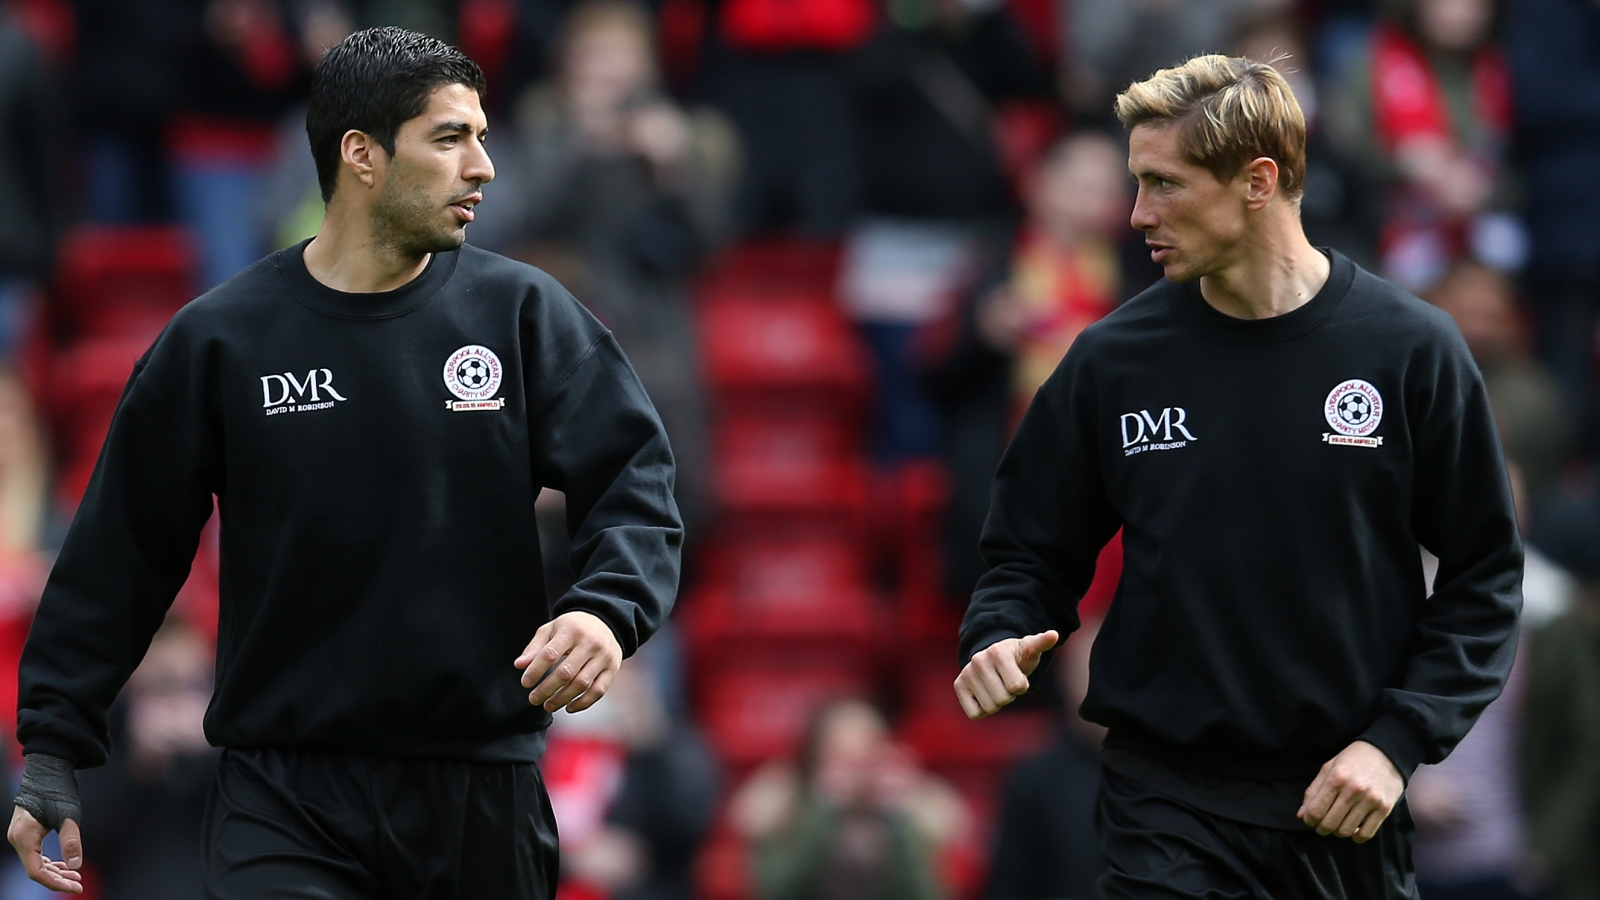 Fernando Torres and Luis Suarez